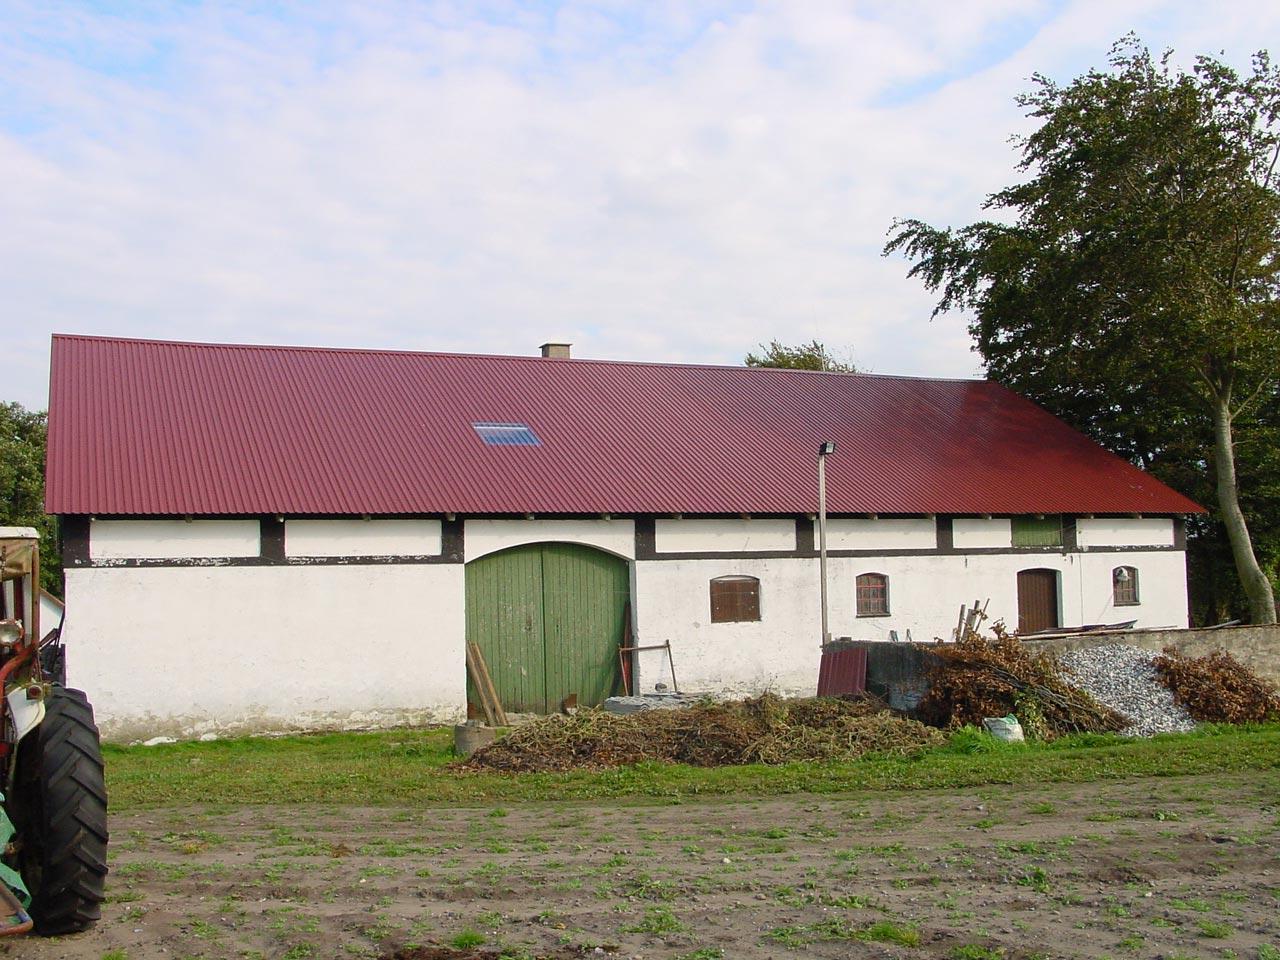 Gut gemocht Hallenbau in der Landwirtschaft mit Profilblech KK74